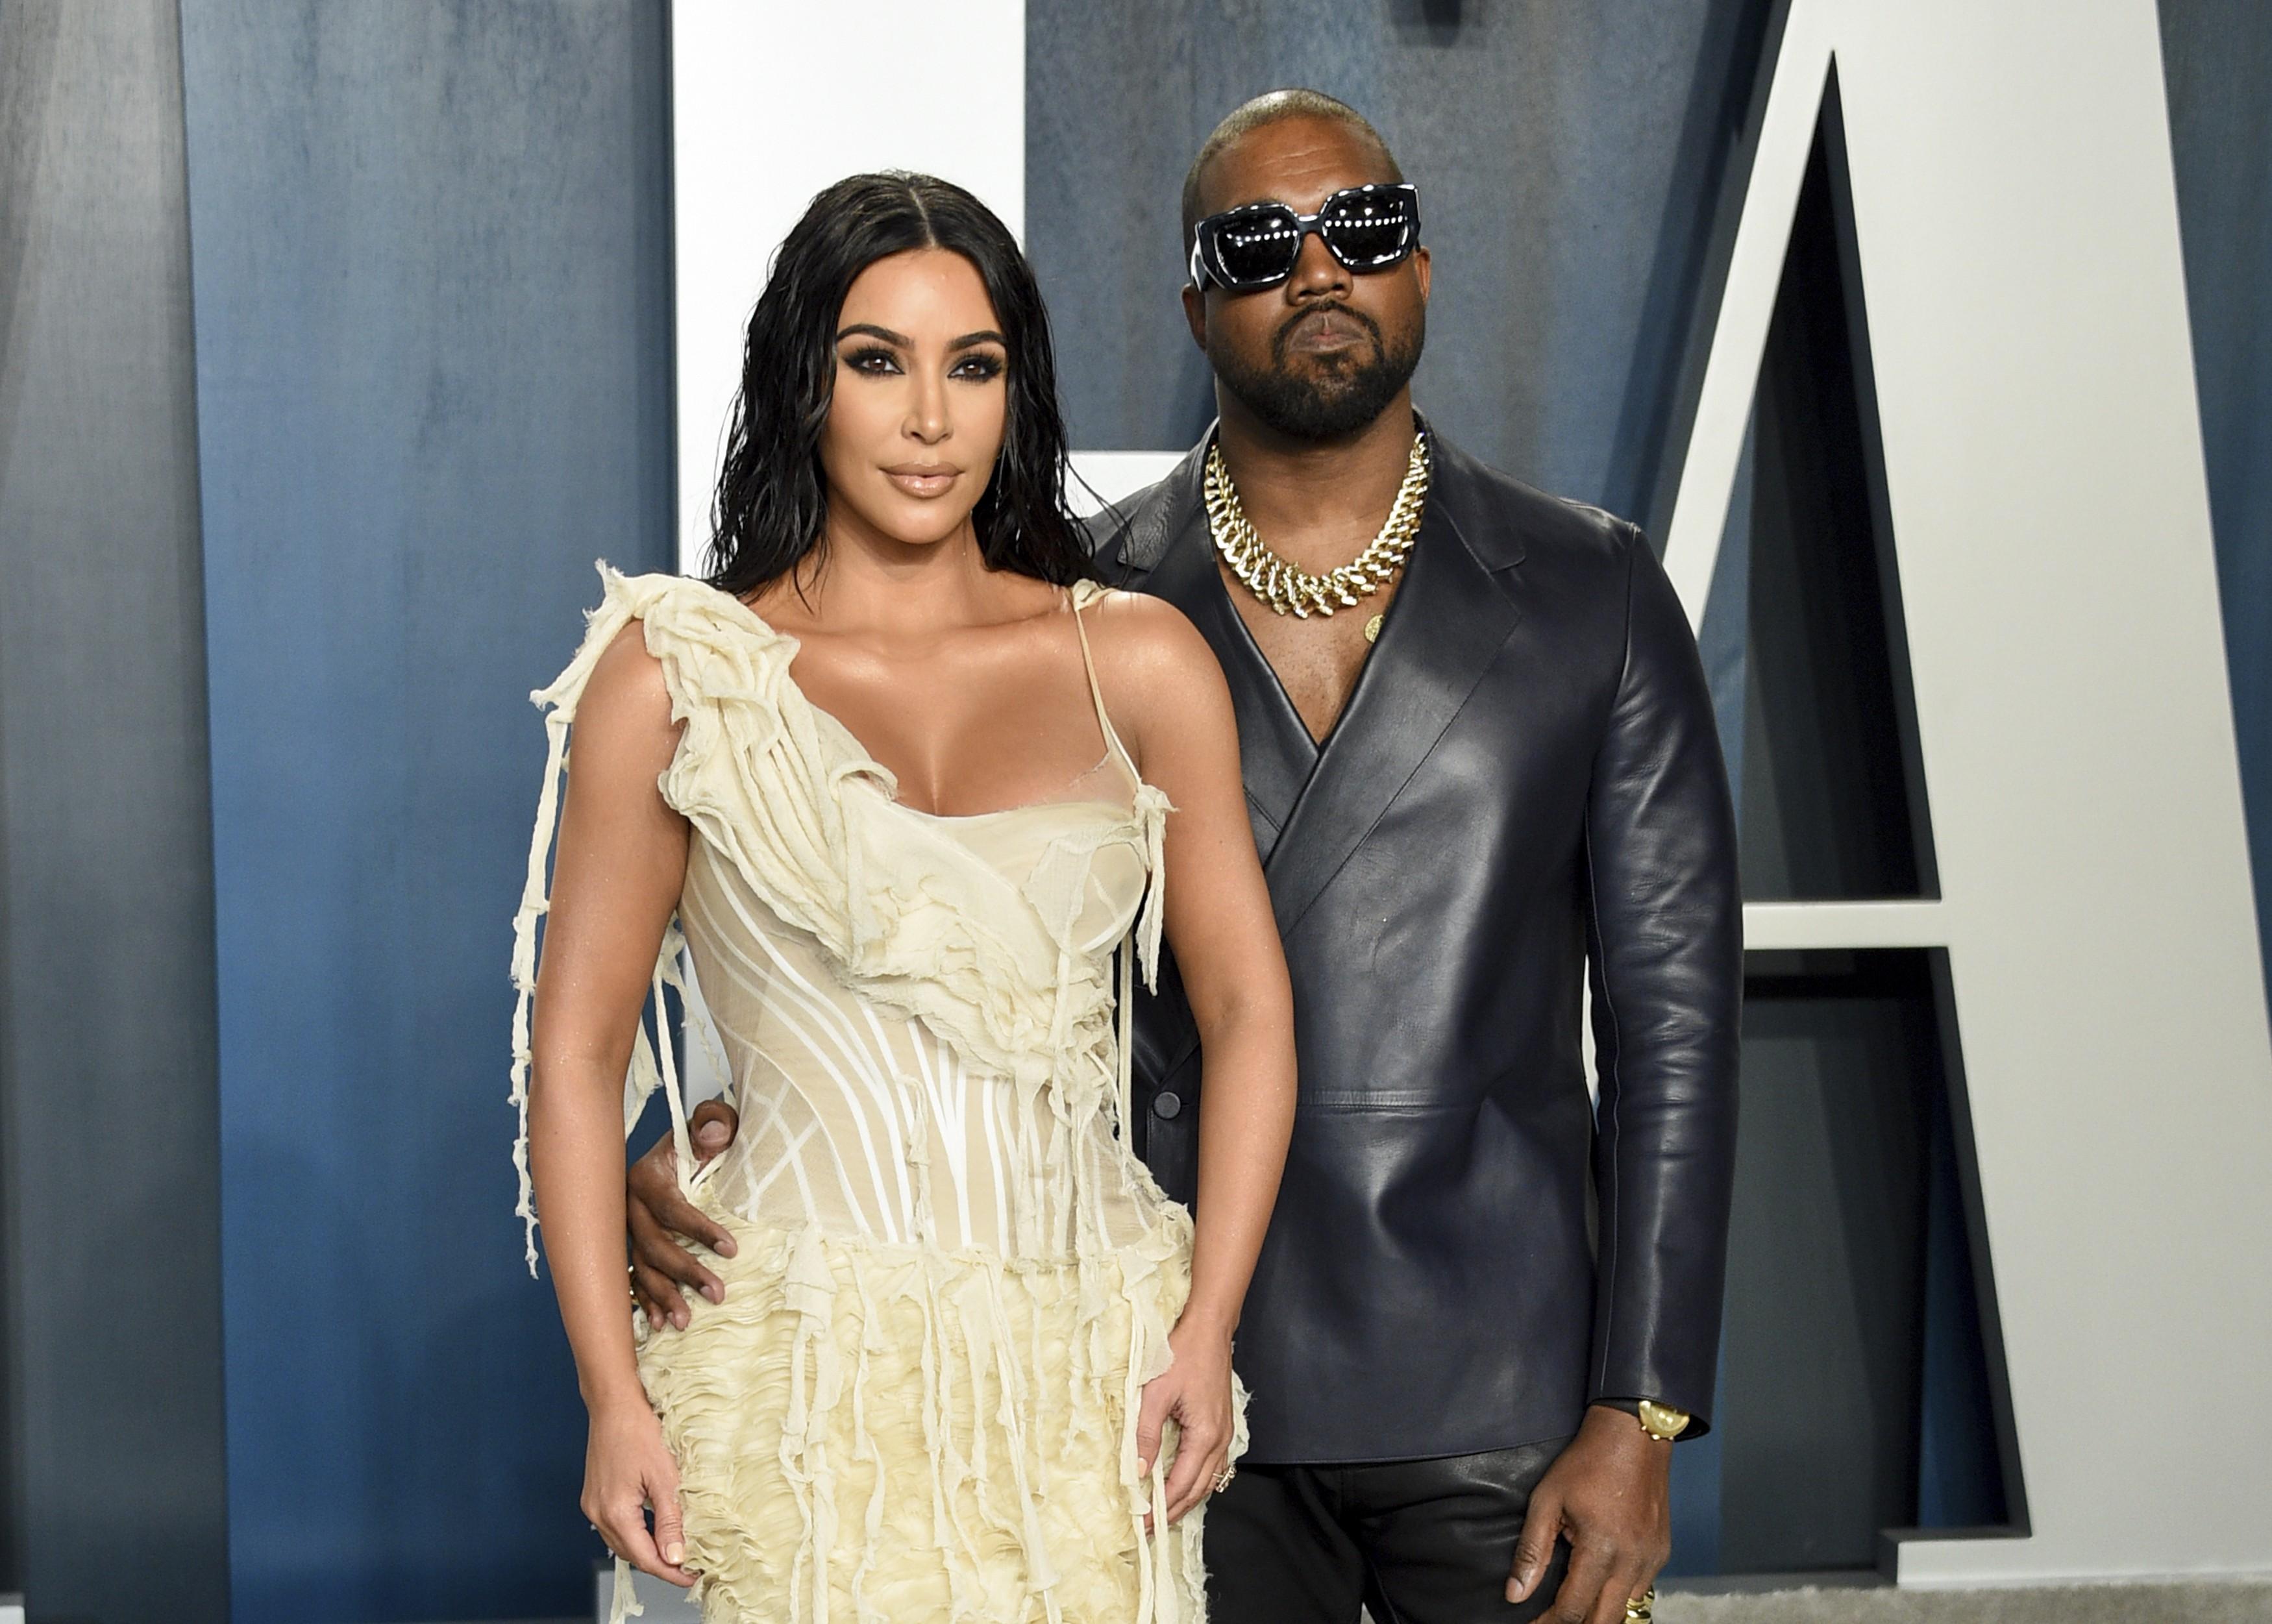 Kim Kardashian diz ser maior fã de Kanye West apesar de divórcio